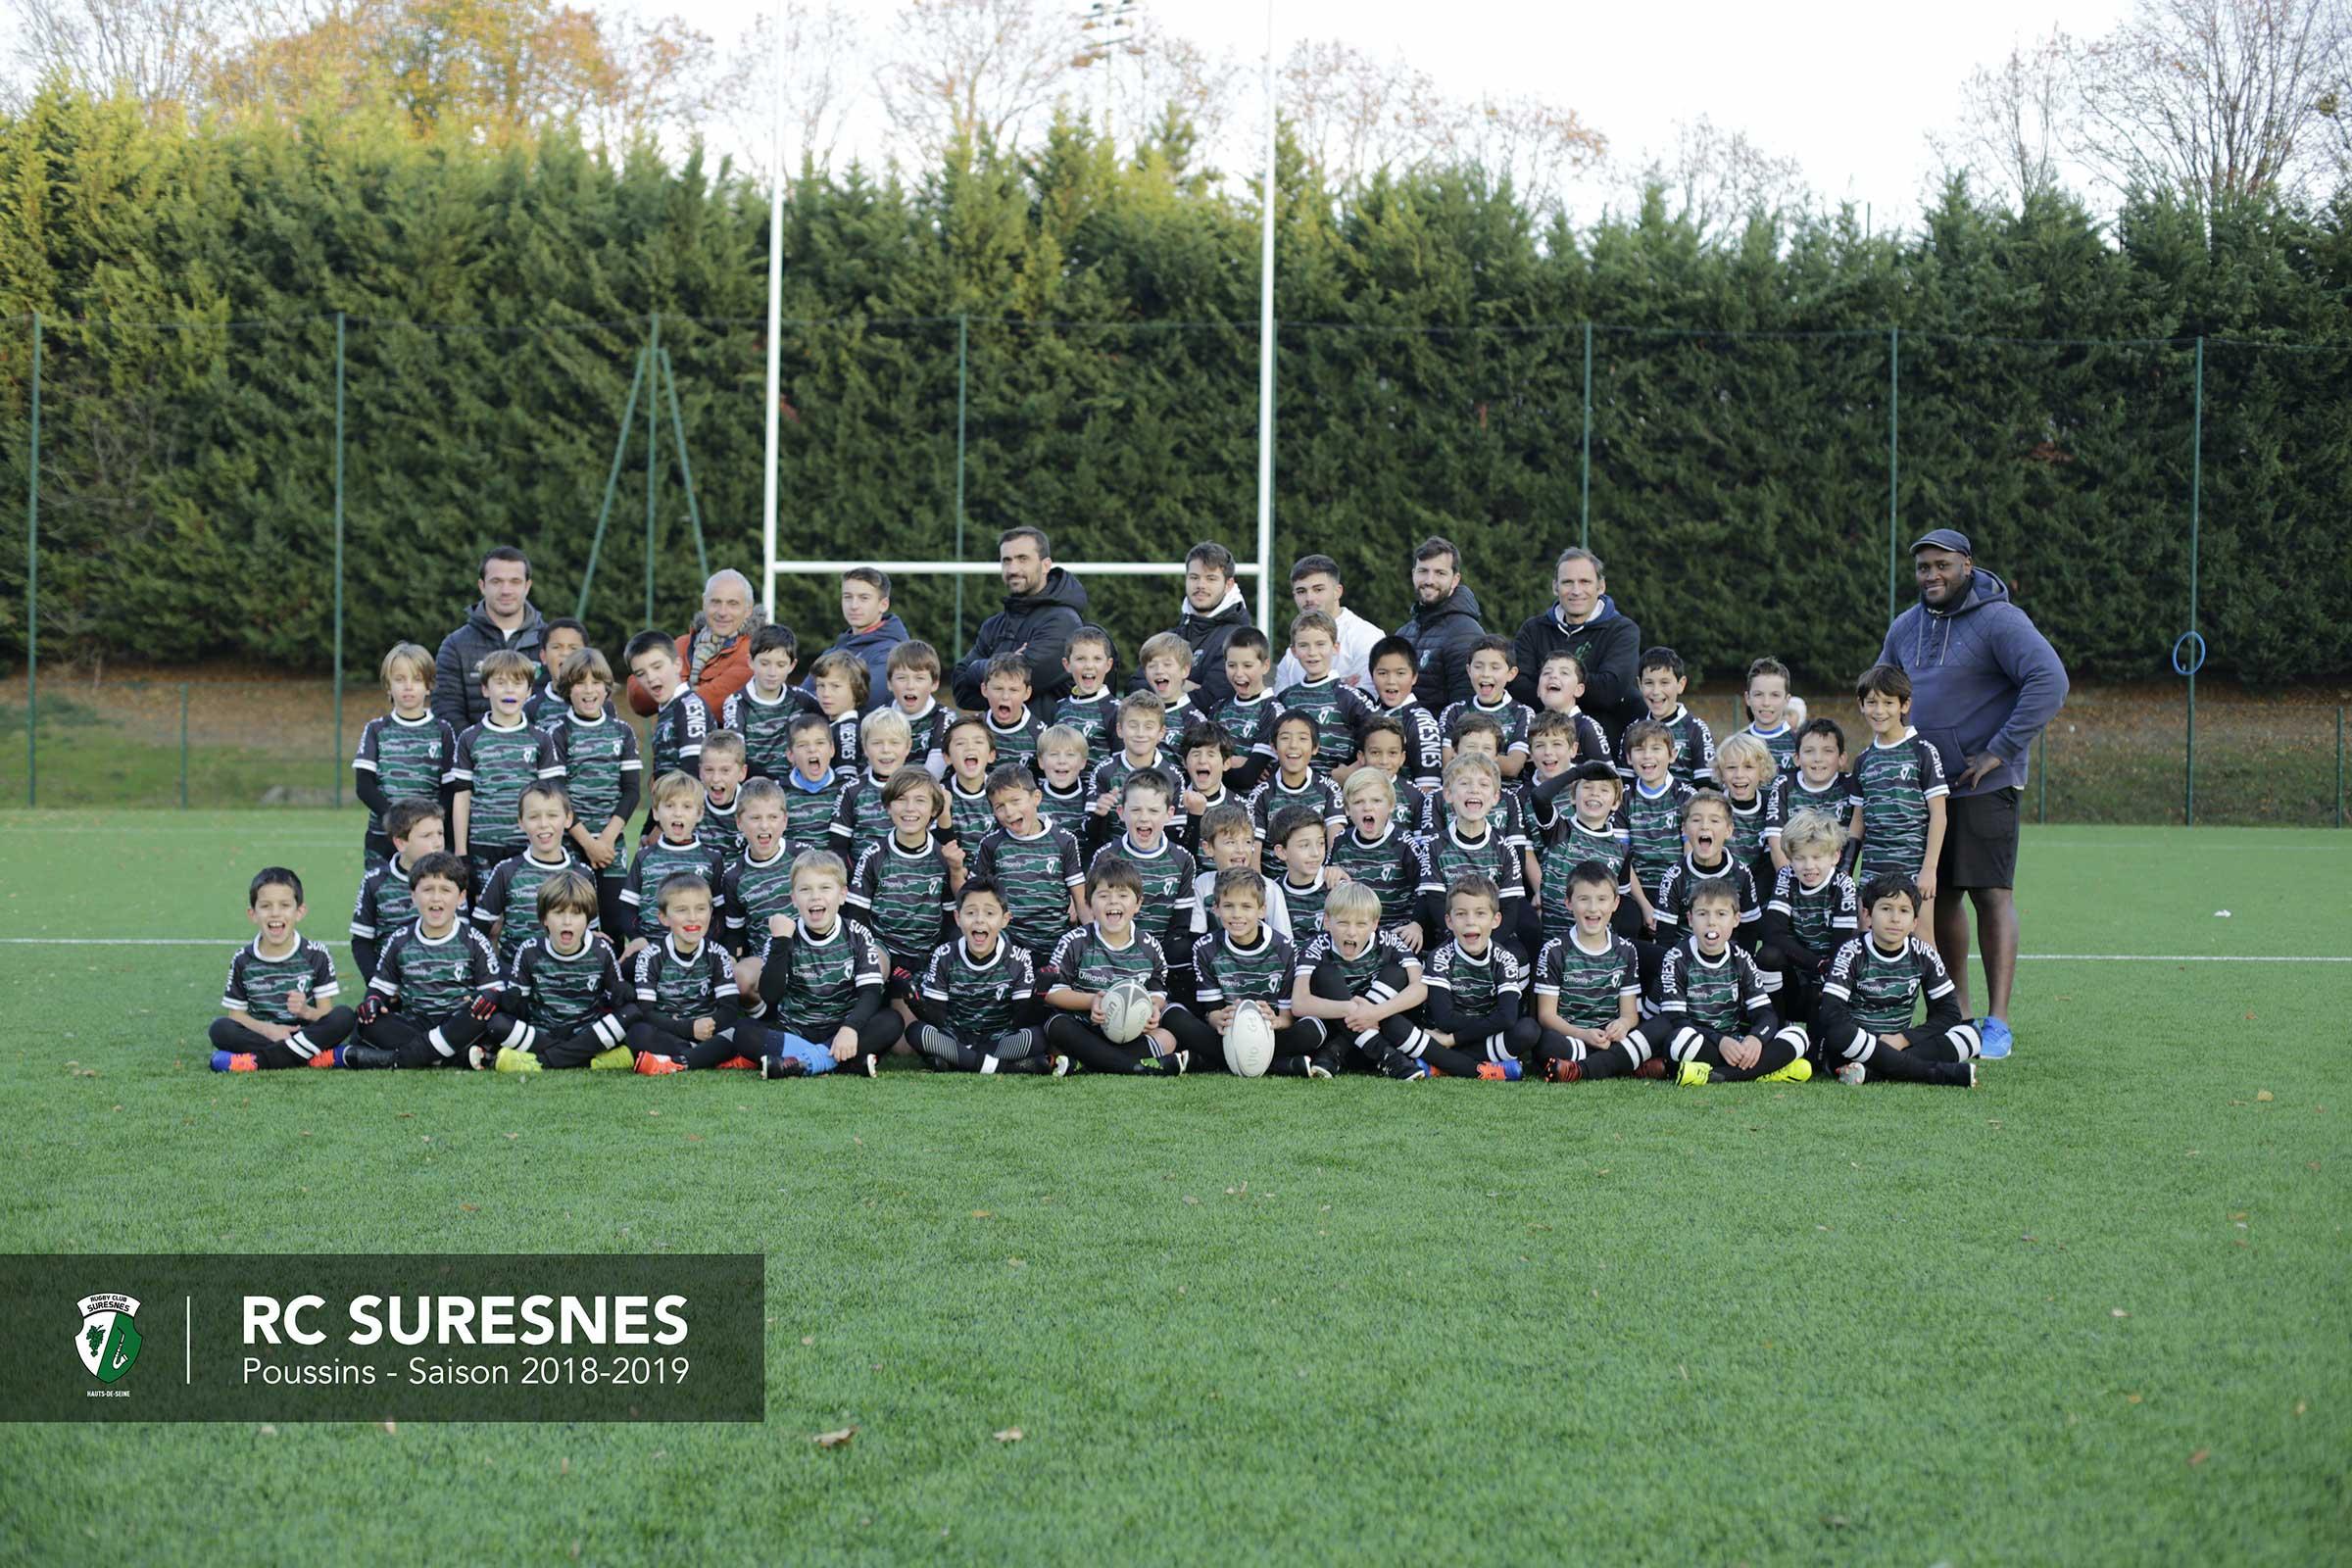 Les Poussins du Rugby Club Suresnes Hauts-de-Seine / Saison 2018-2019